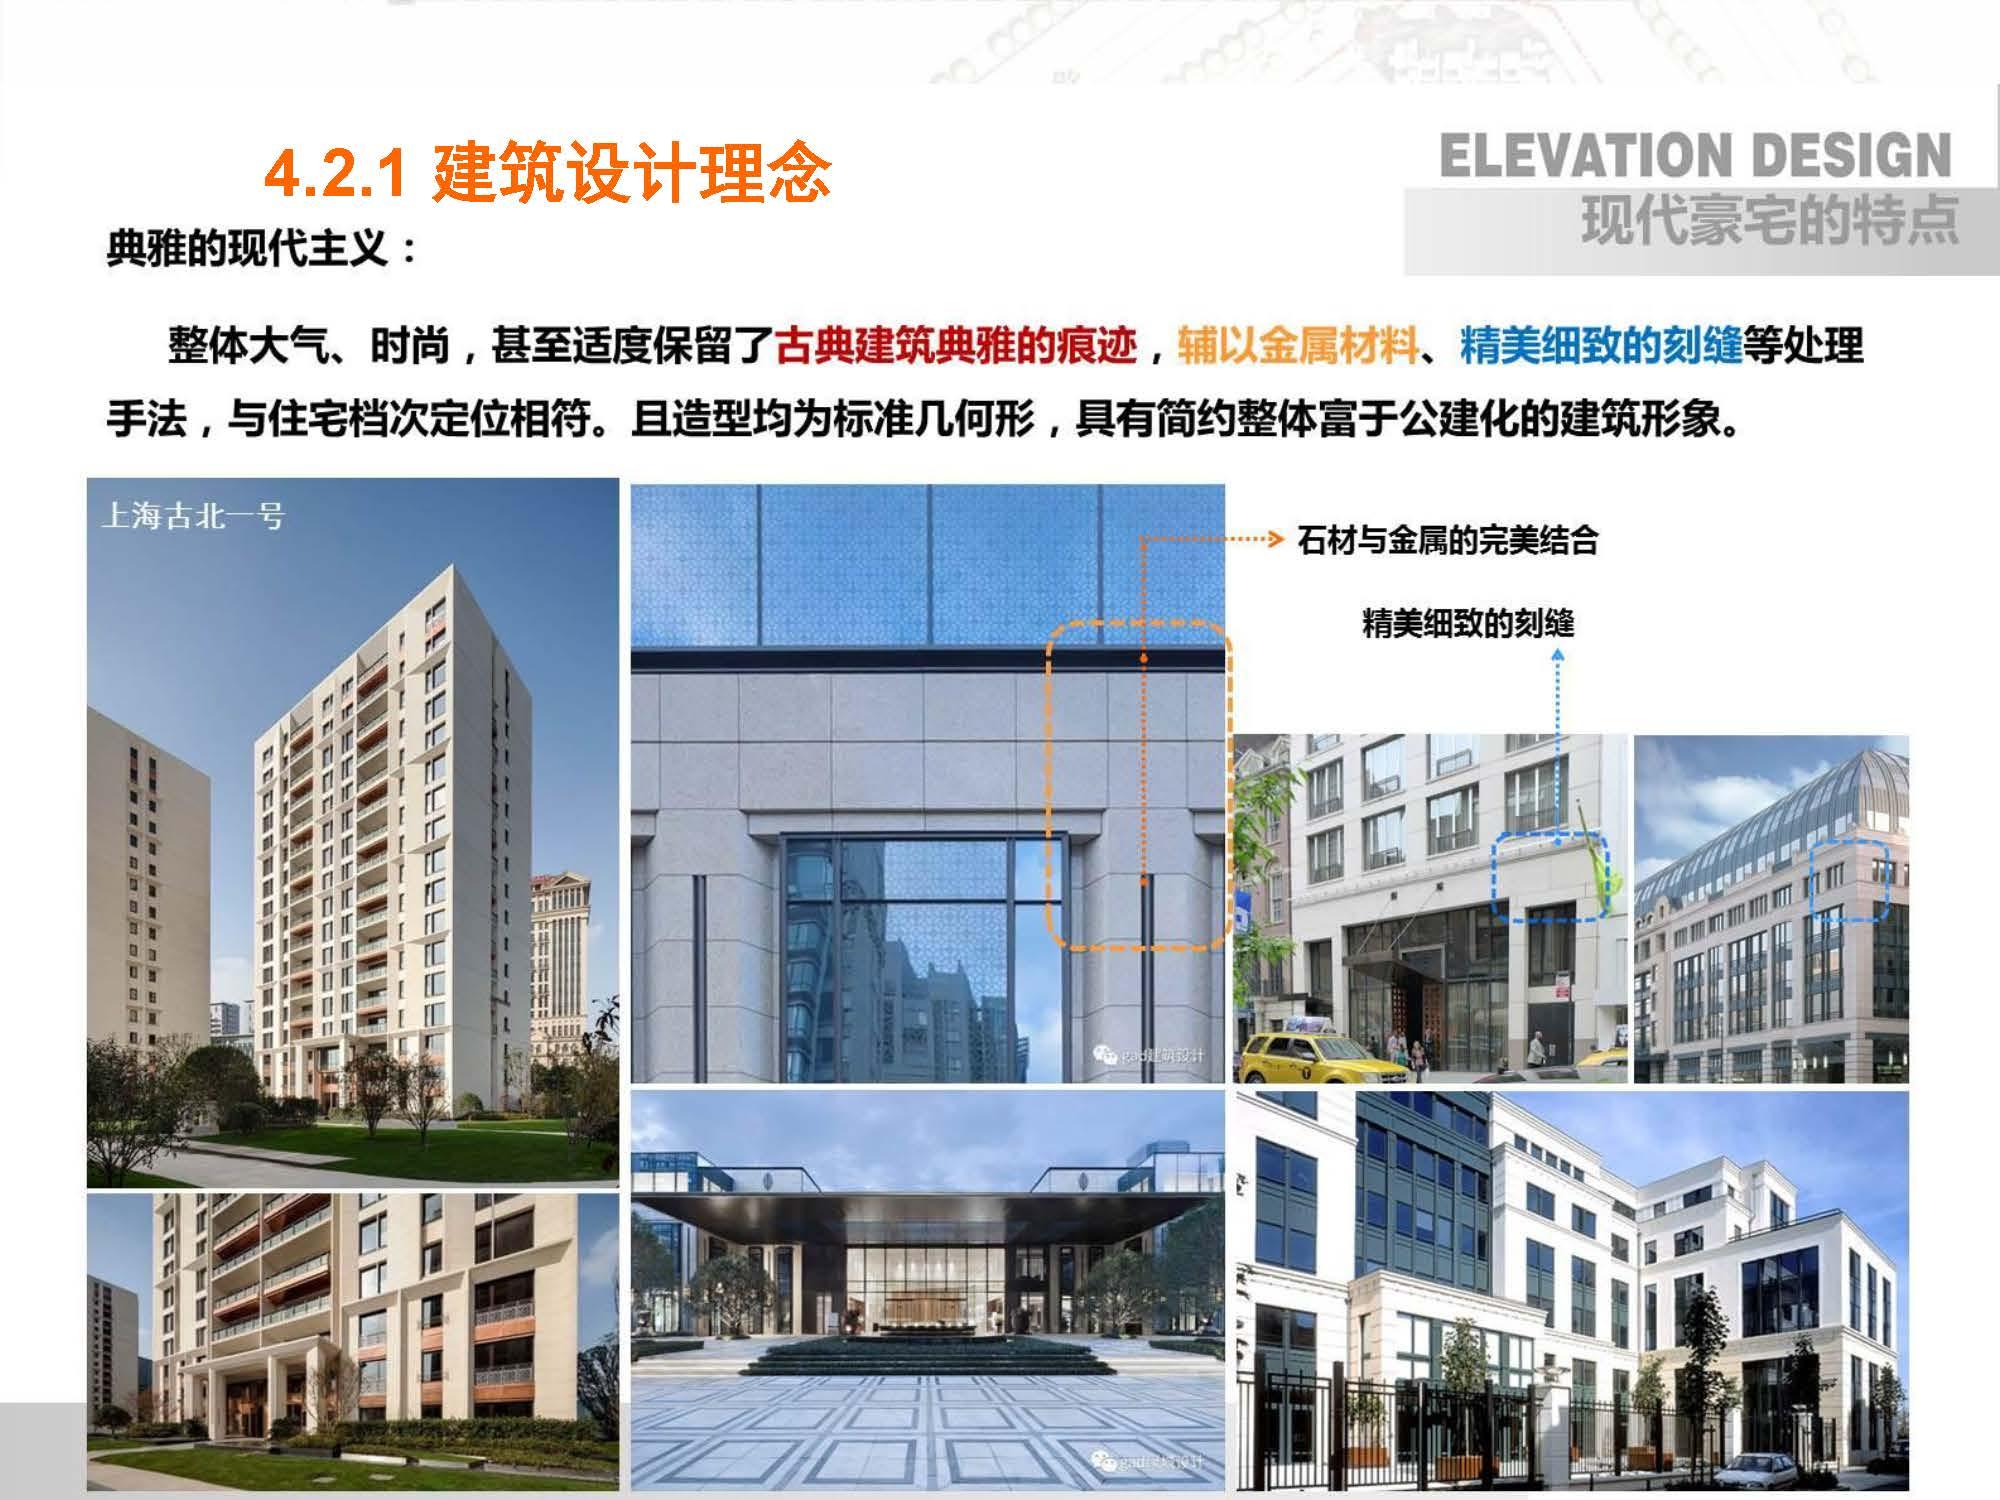 中海沈阳销售手册20180809--EPG--建筑设计理念及亮点 _页面_18.jpg